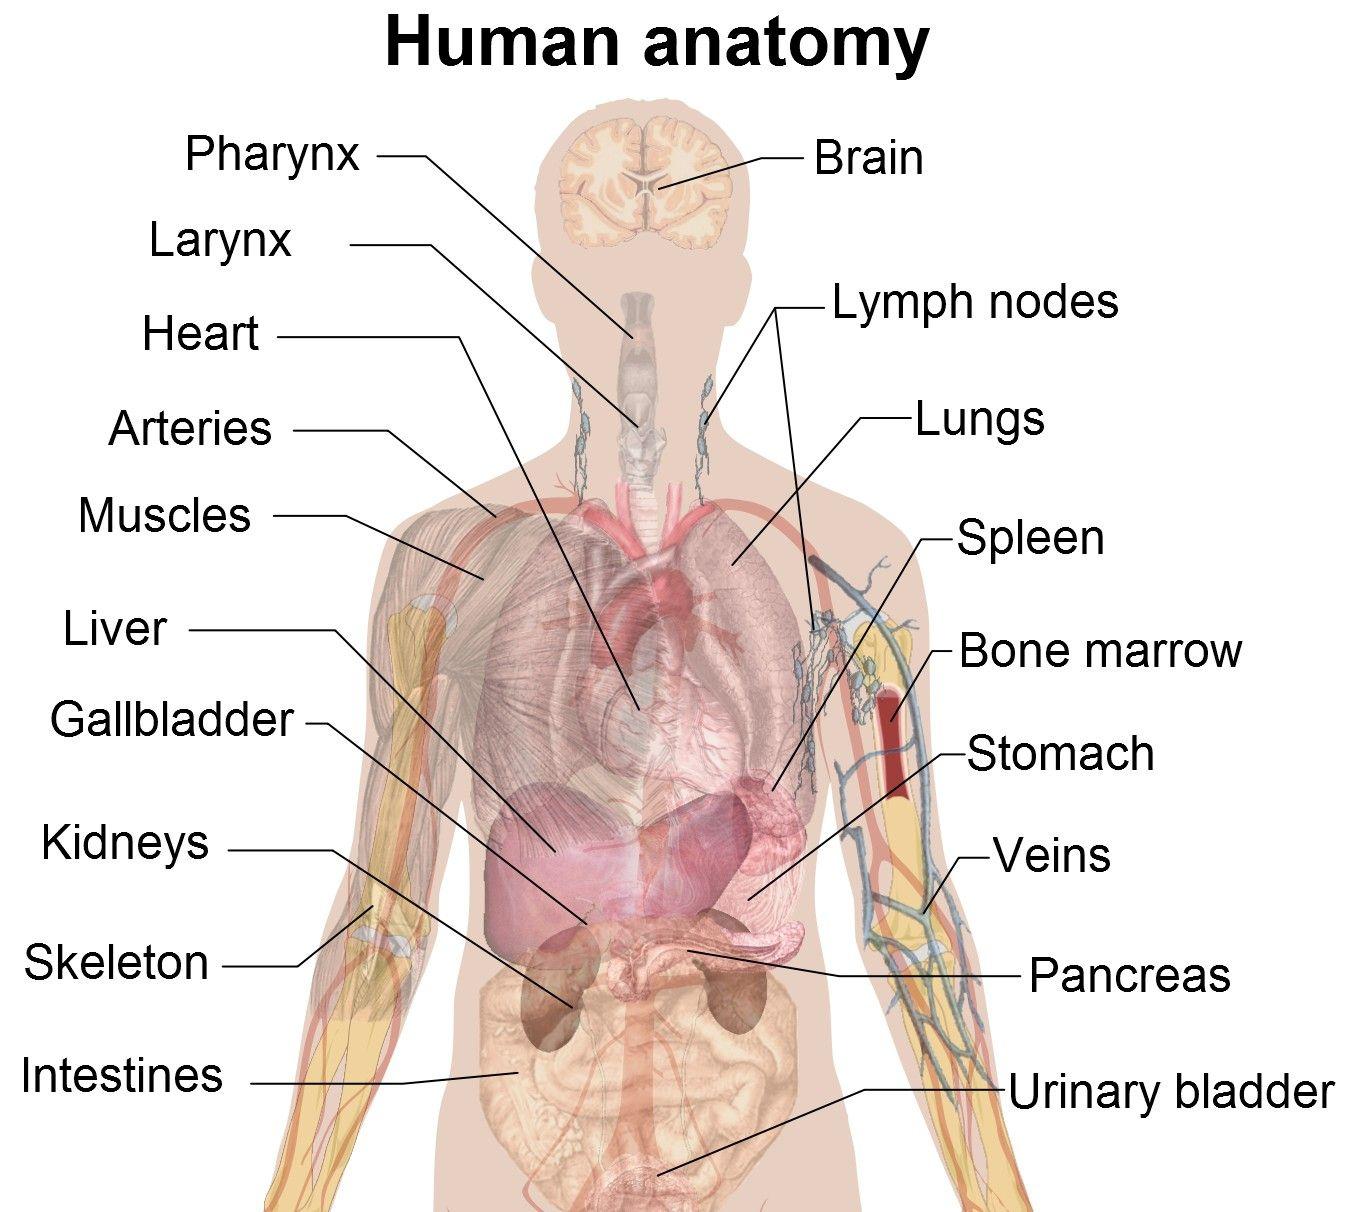 simple human anatomy diagram   simple human anatomy diagram all about human  body pictures anatomy diagrams